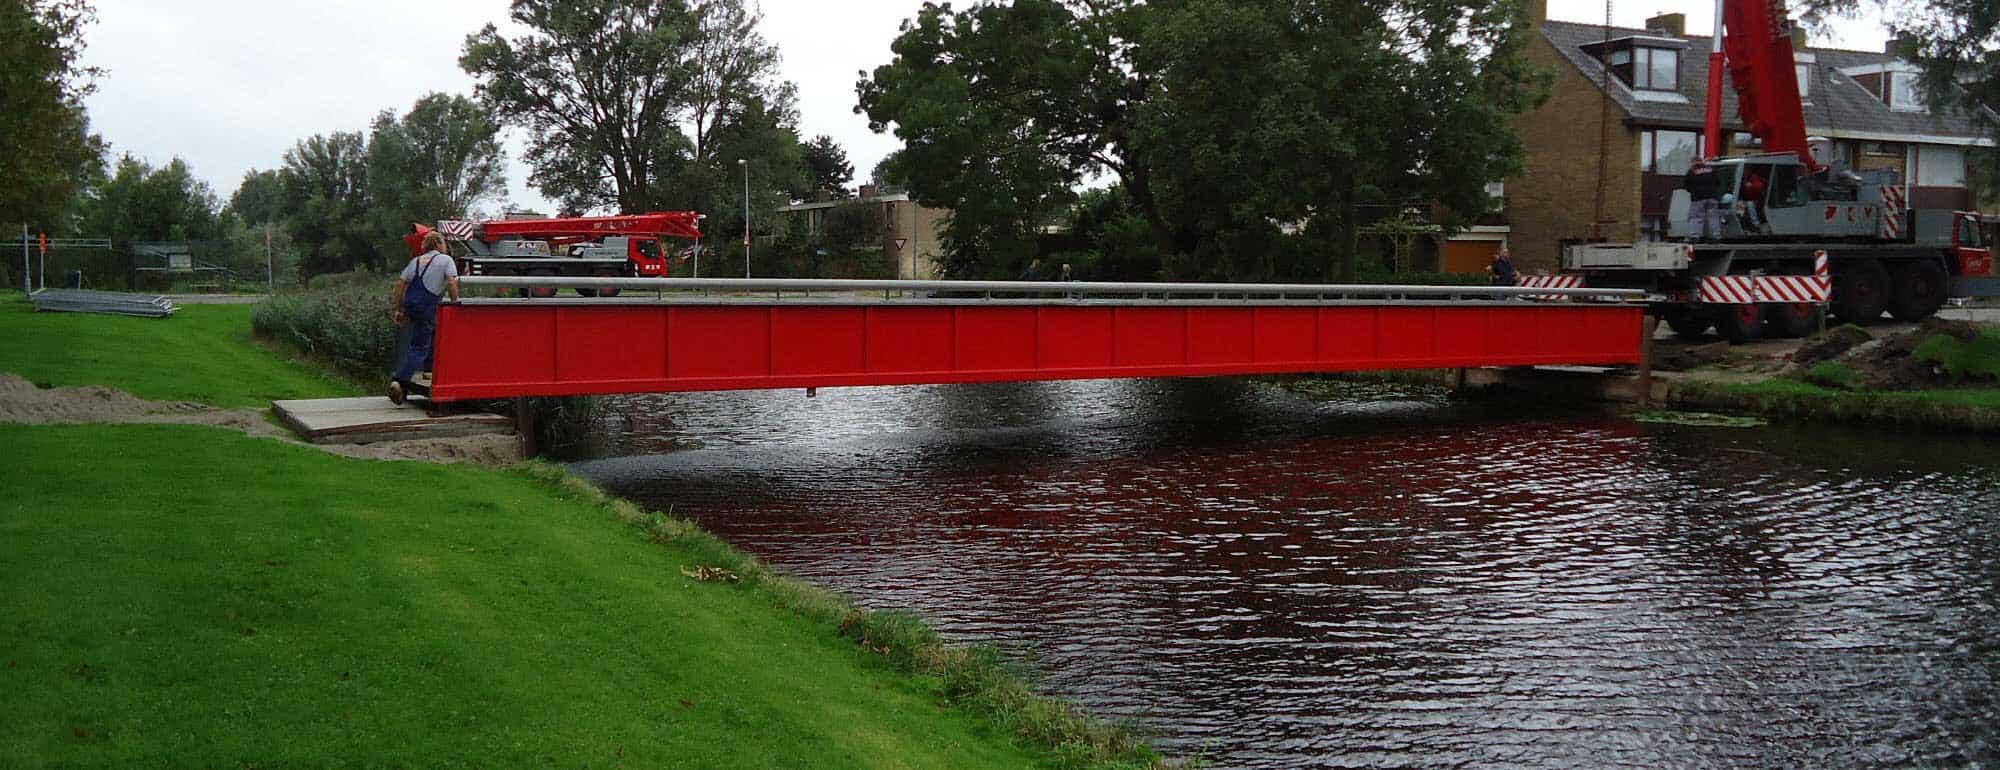 Bridges2000 oplossingen bruggen brug type C